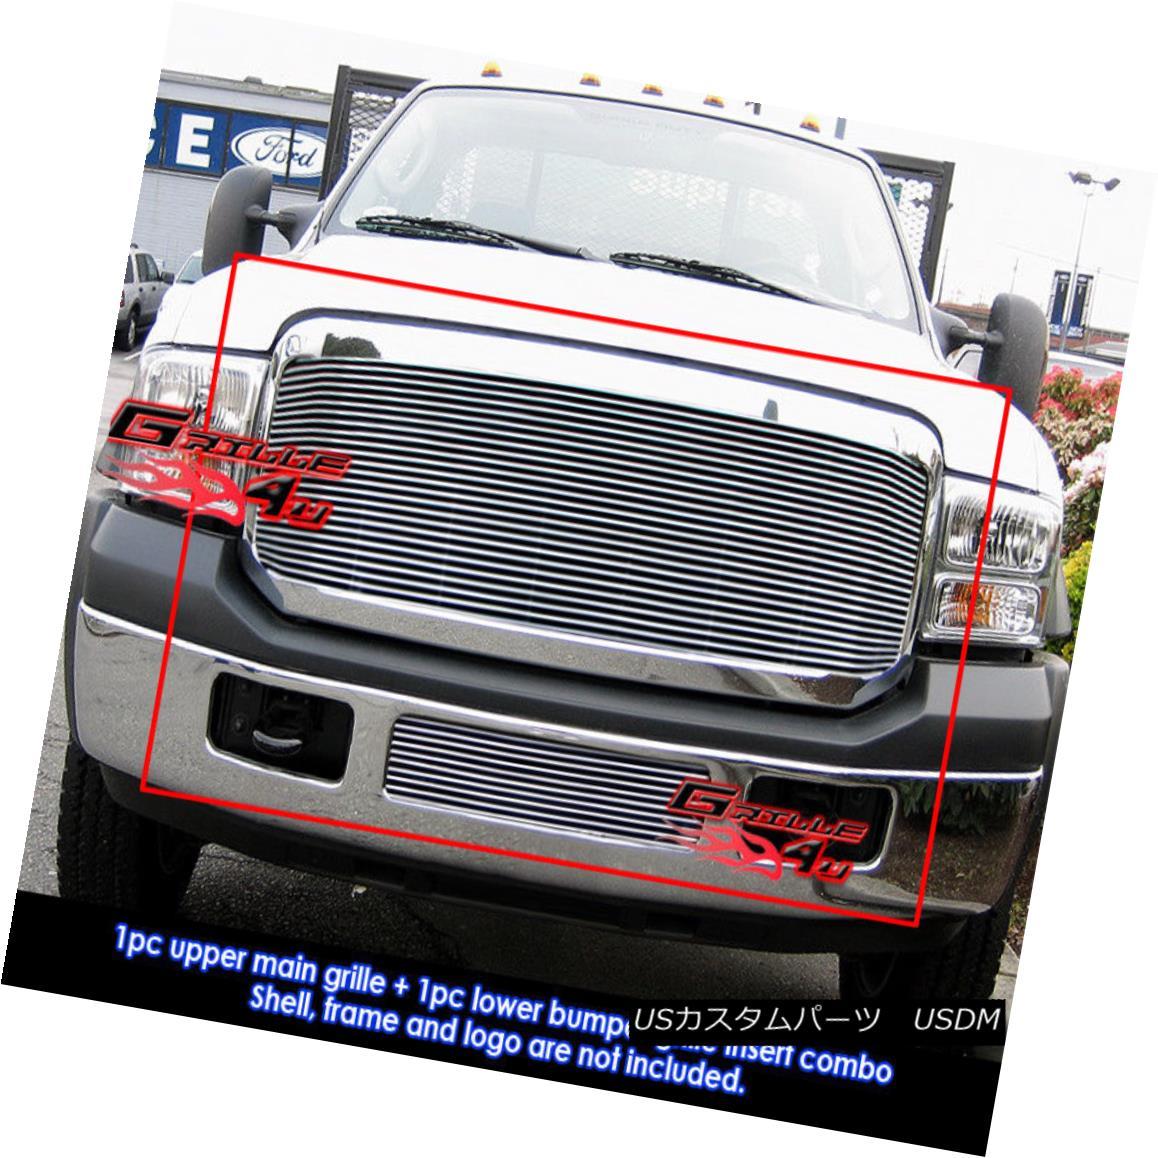 グリル For 05-07 Ford F-250/F-350/F-450/F-550 Billet Grille Combo 05-07フォードF-250 / F-350 / F- 450 / F-550ビレットグリルコンボ用